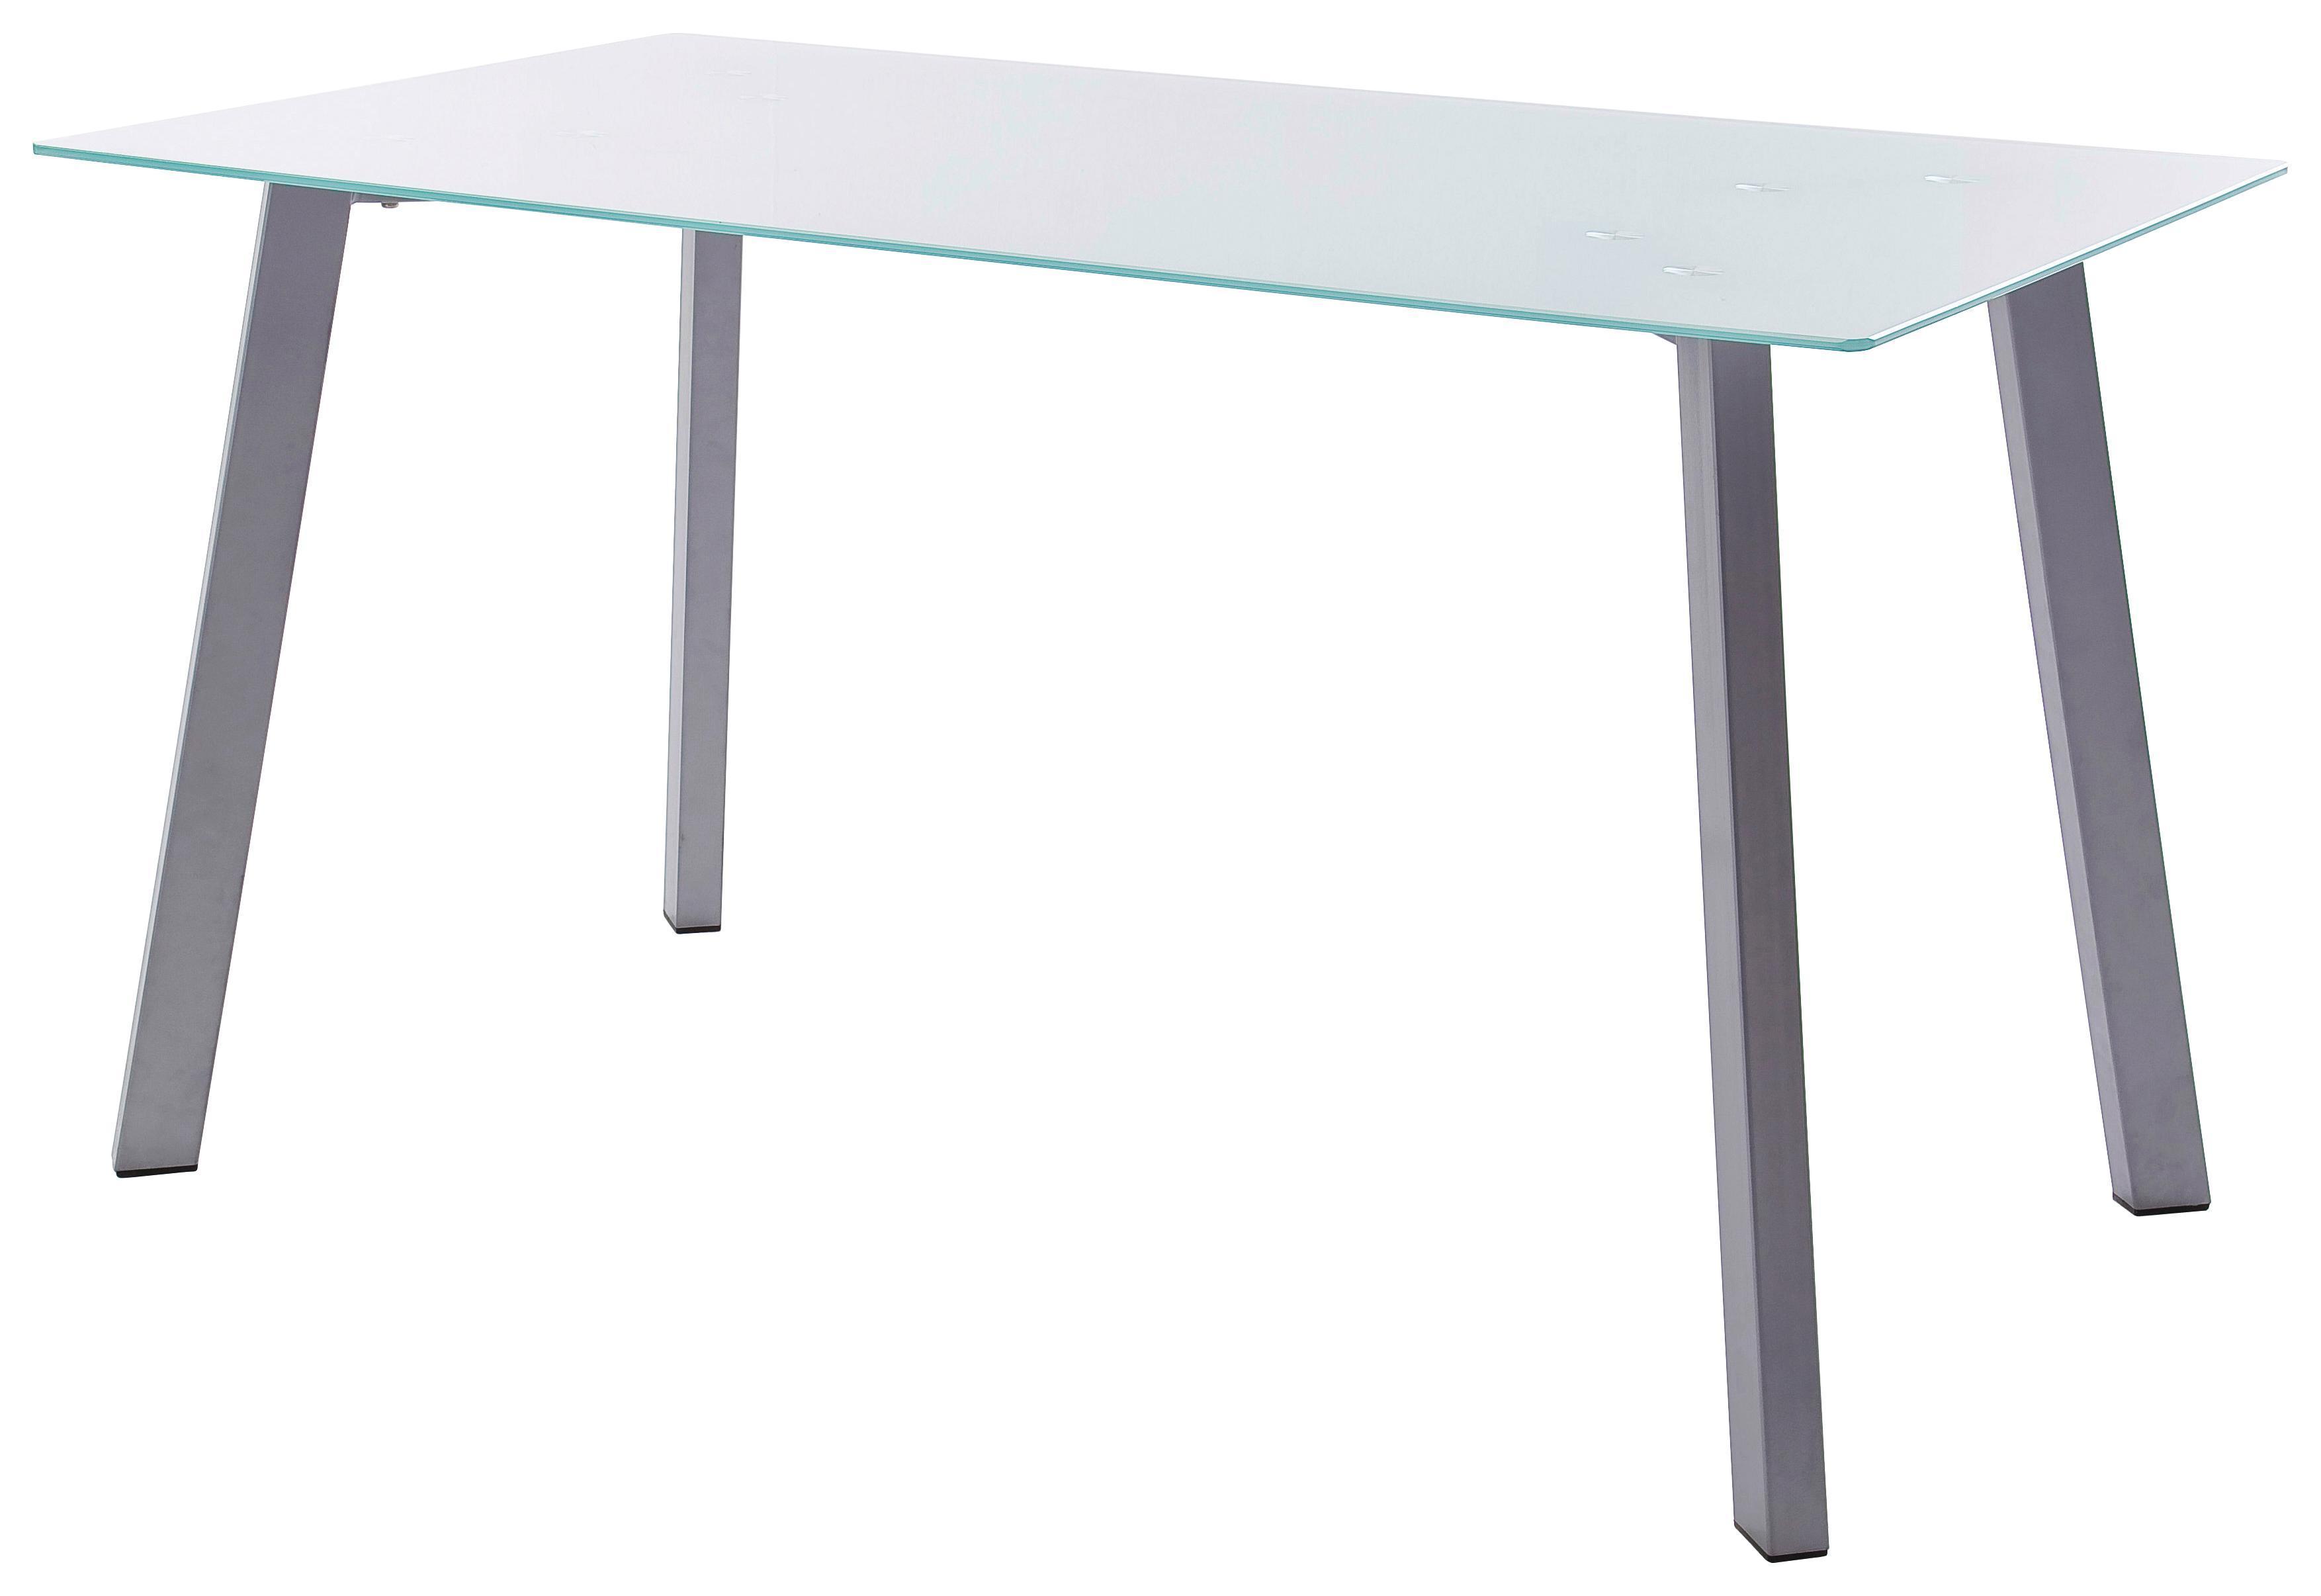 Hochwertig Esstisch Zuri 140cm Mit Tischplatte Aus Milchglas   Silberfarben/Alufarben,  MODERN, Glas/